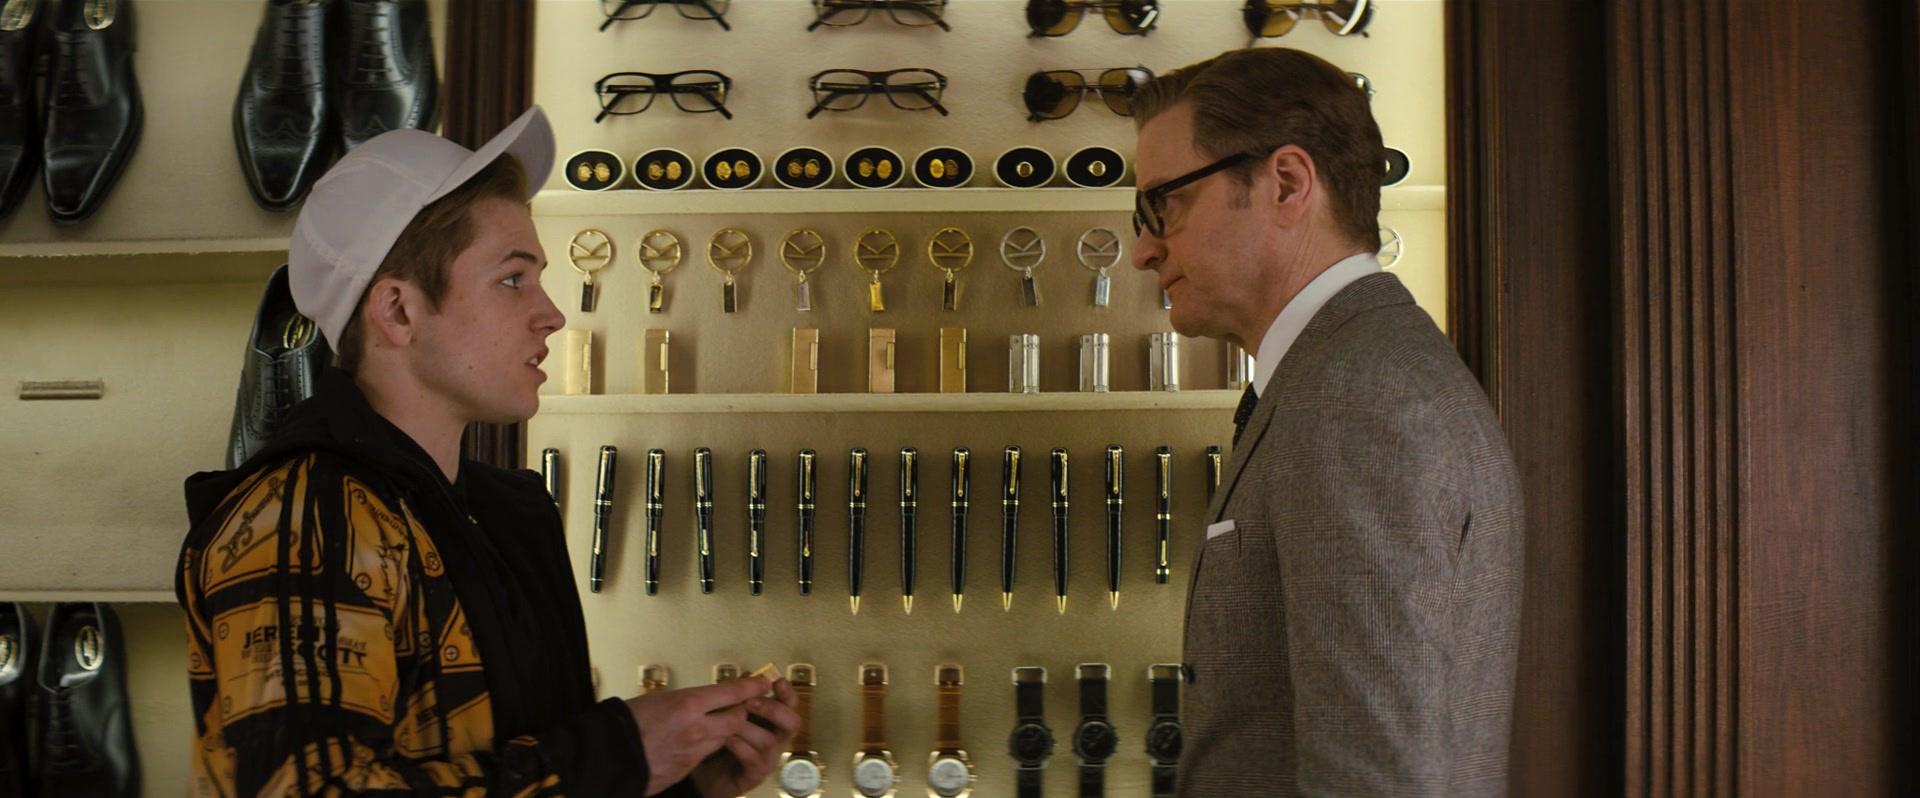 Kingsman: Секретная служба (2015) смотреть онлайн или ...